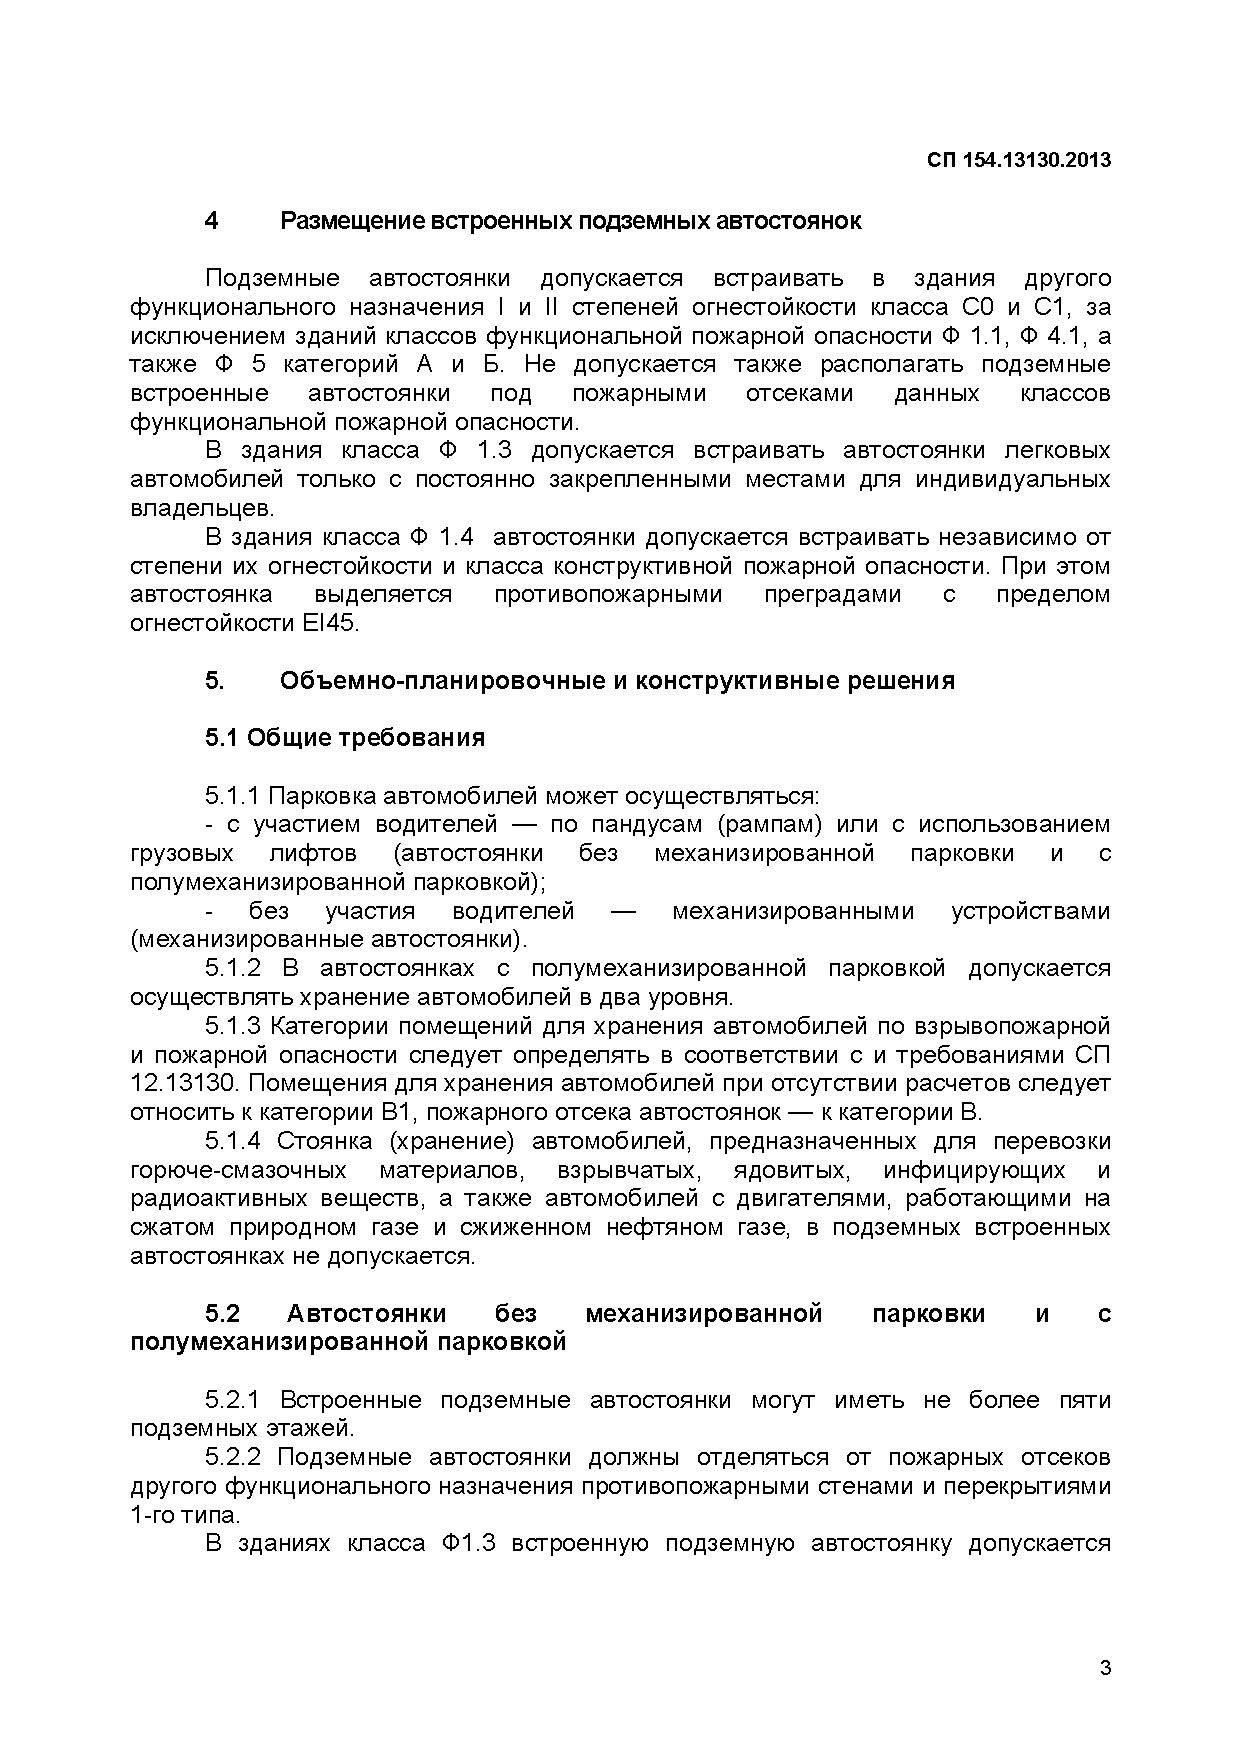 Требования пожарной безопасности в подземных автостоянках (МЧС СП 154.13130.2013)